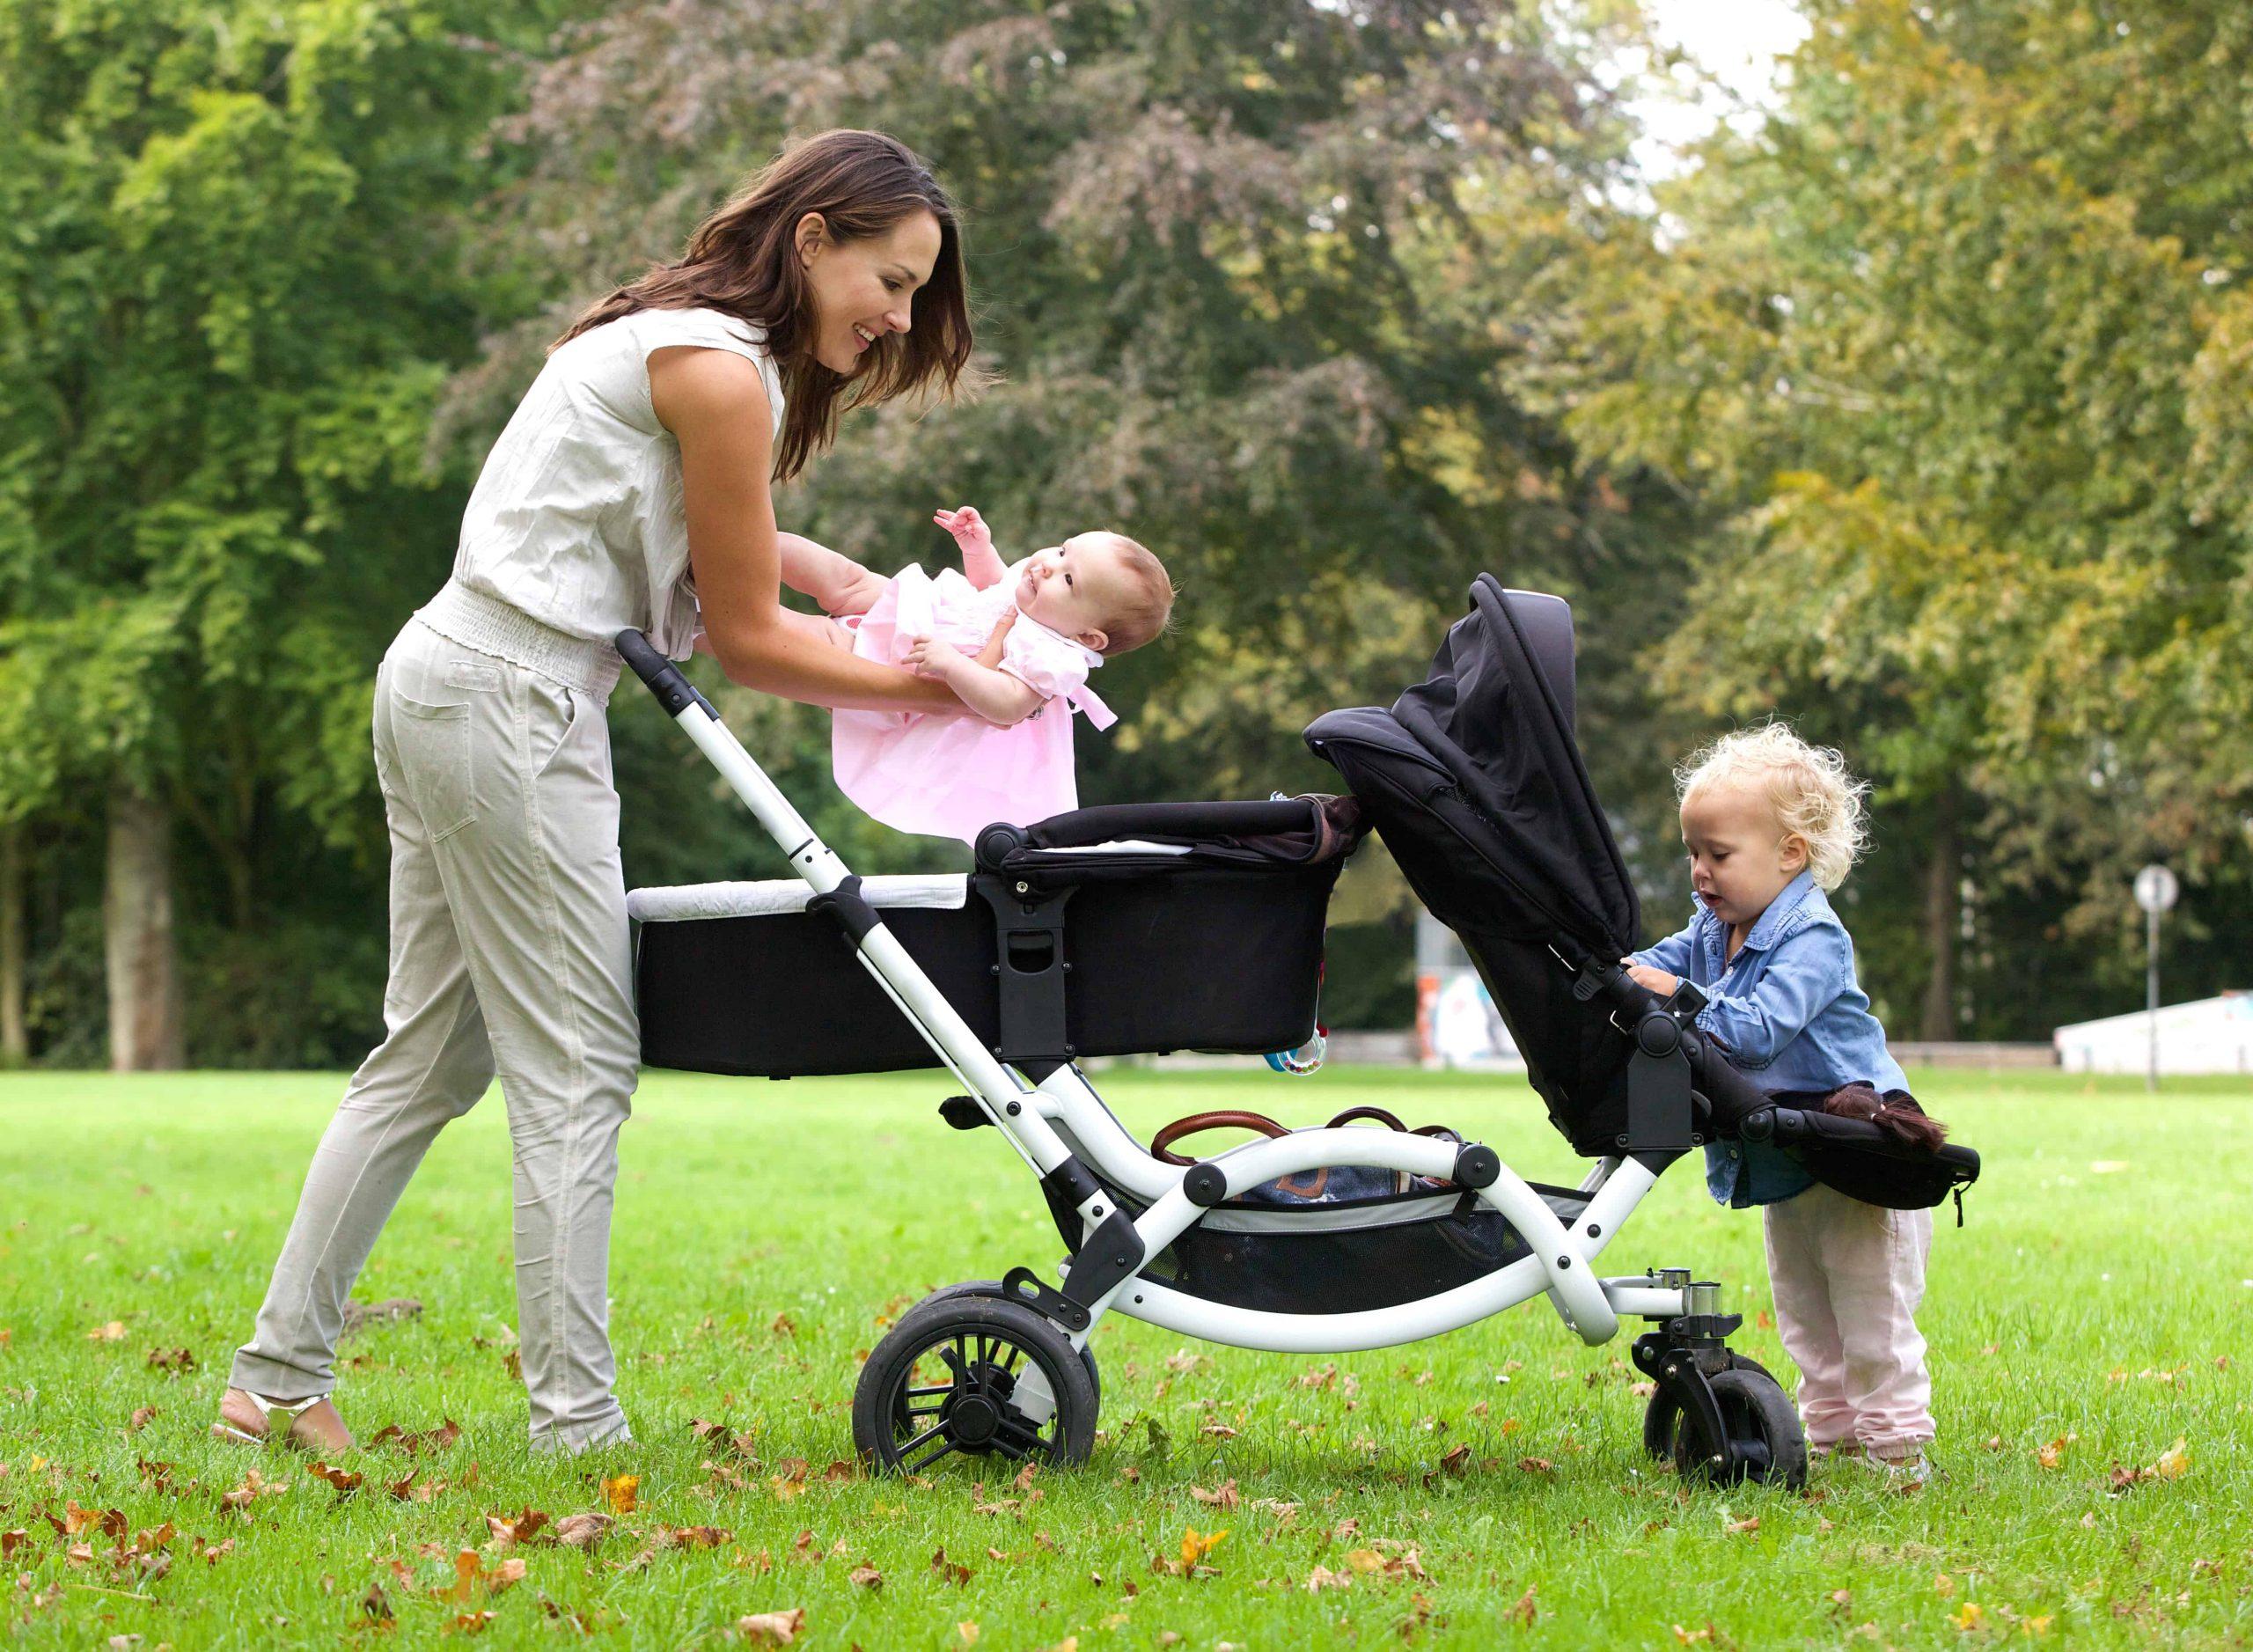 3 in 1 Kinderwagen: Test & Empfehlungen (06/20)